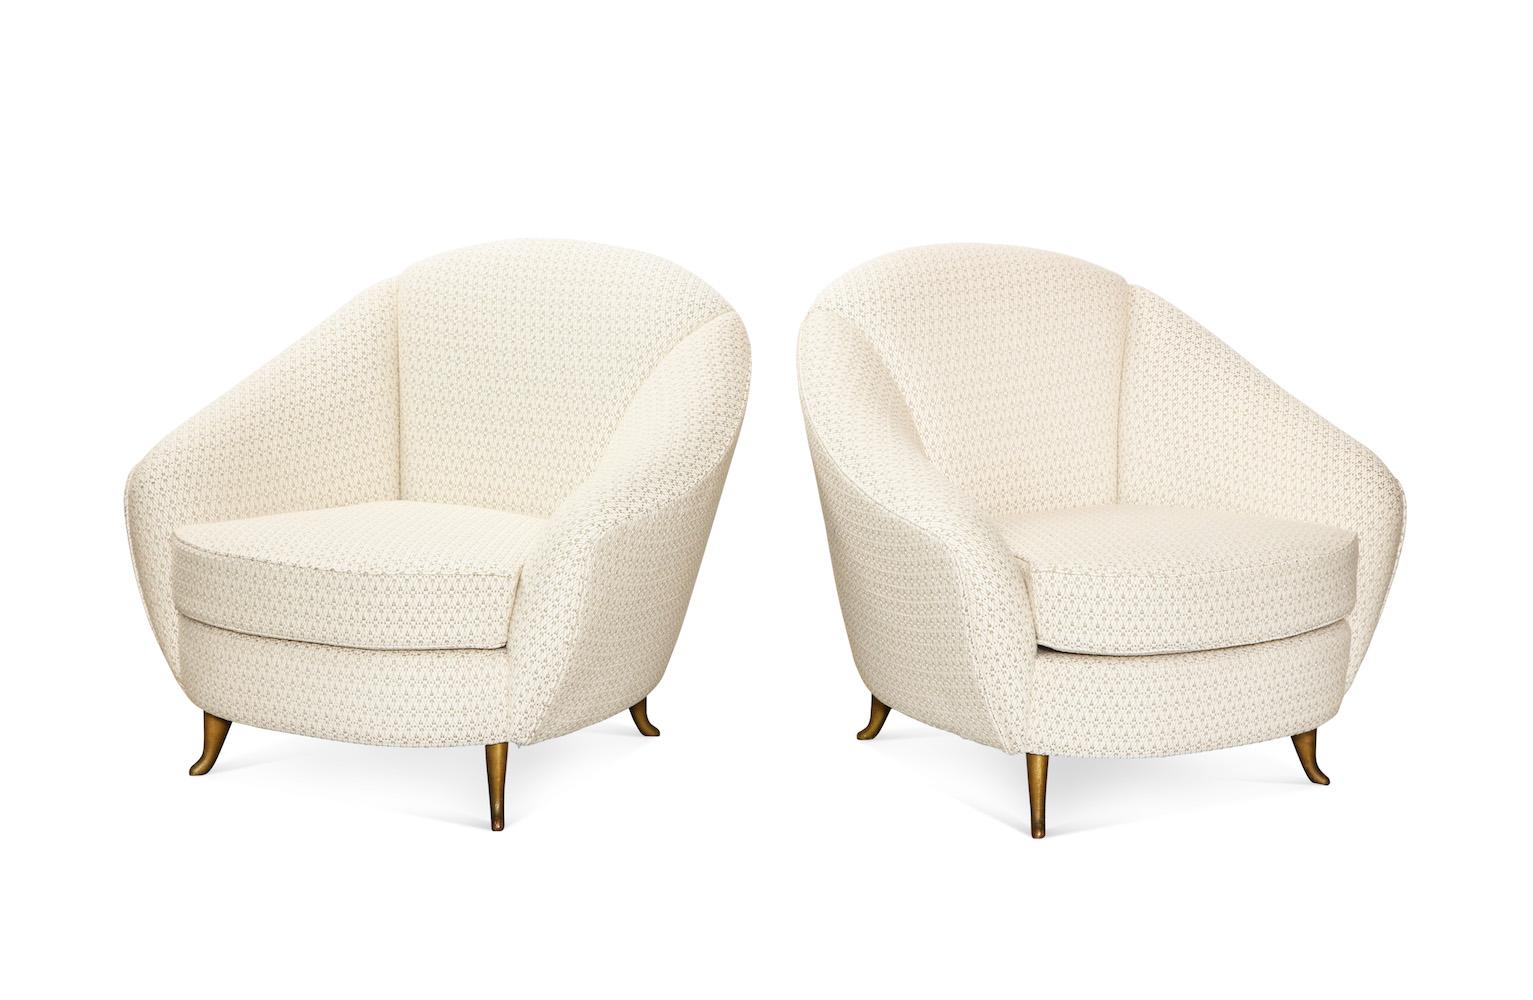 Ponti ISA Chairs 5.jpg